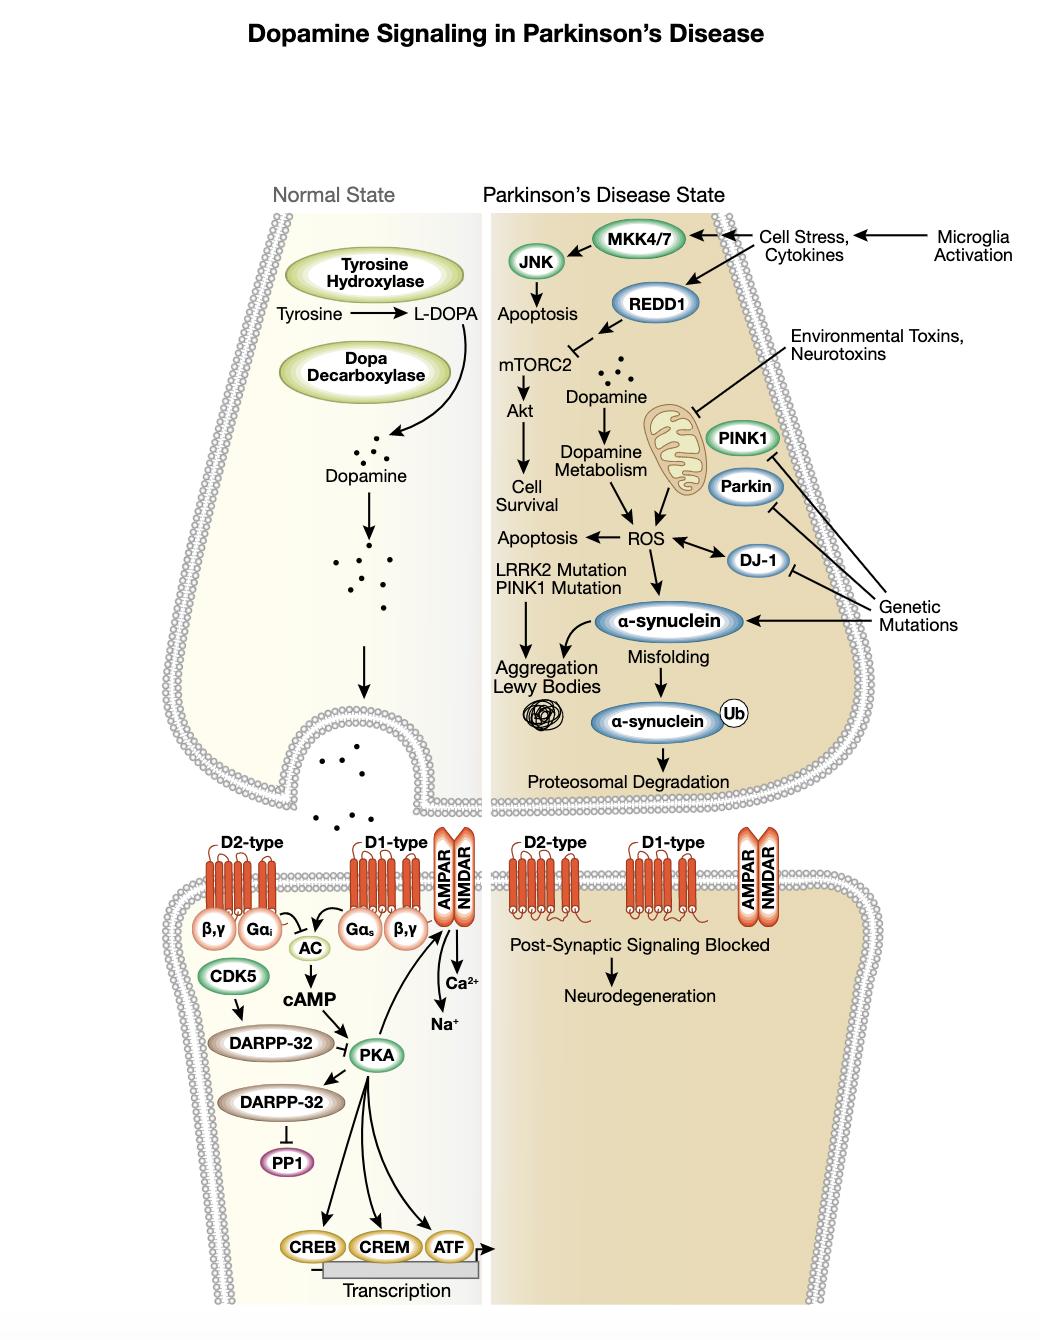 图 6  帕金森病相互作用通路中的多巴胺信号转导